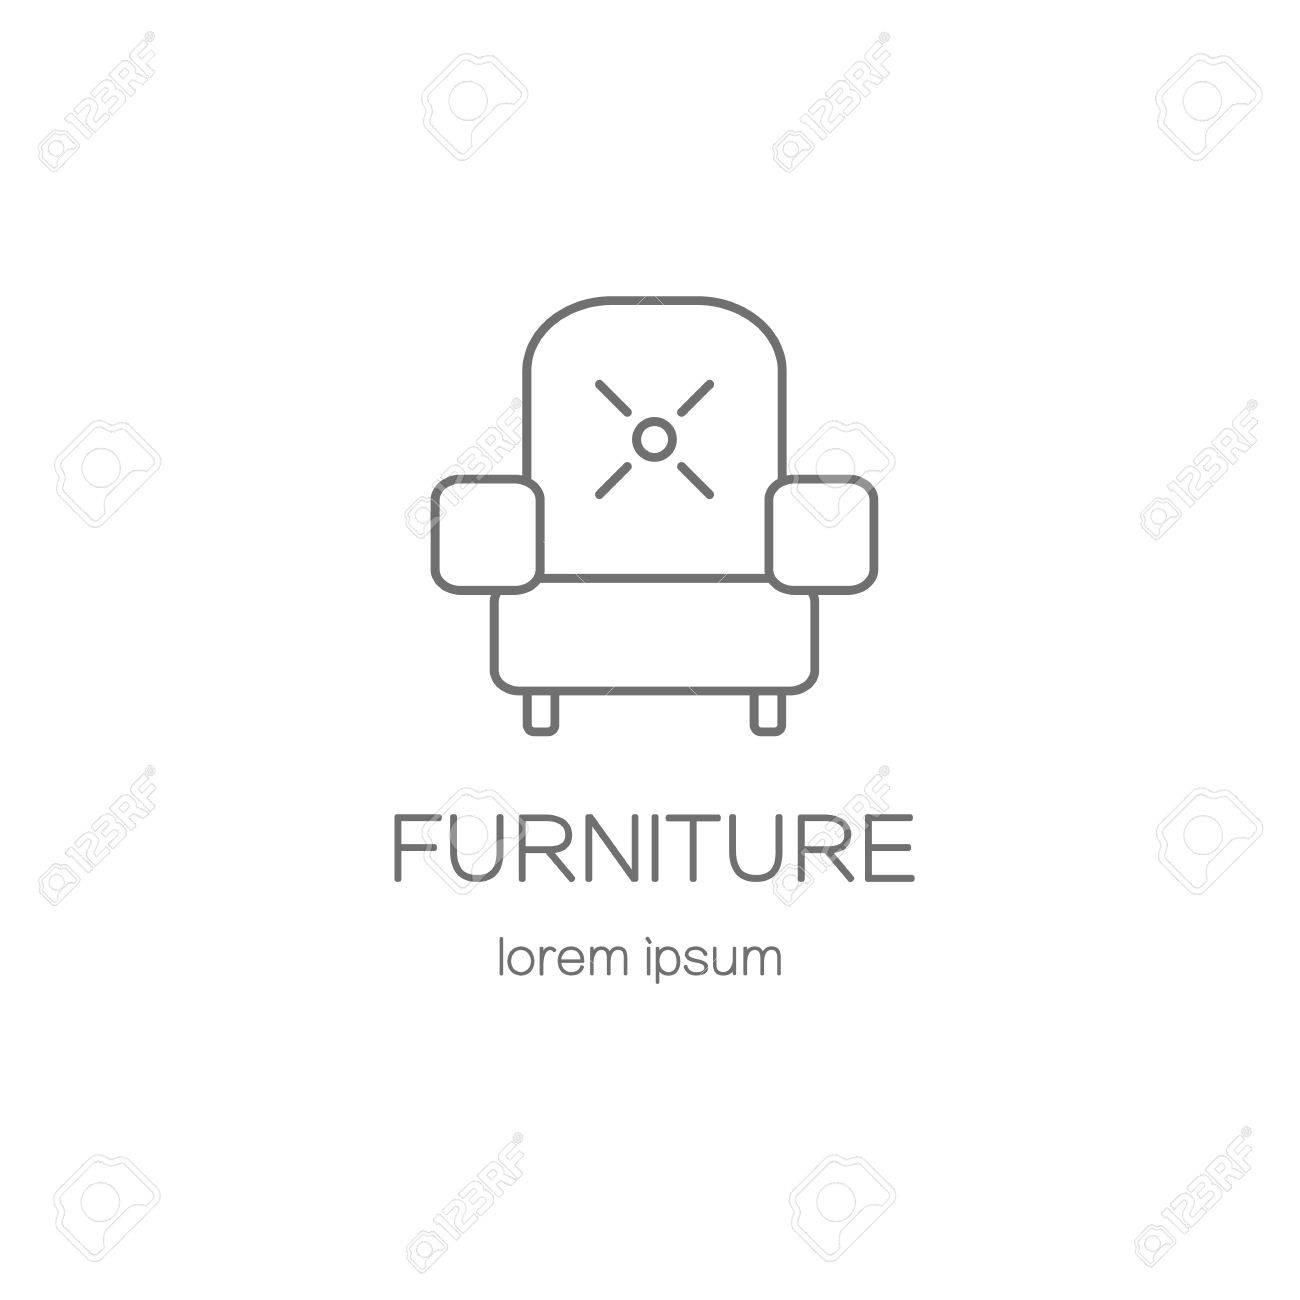 Sessel, Möbel Logo-Design-Vorlagen. Moderne Einfache Logo-Vorlage Zu ...